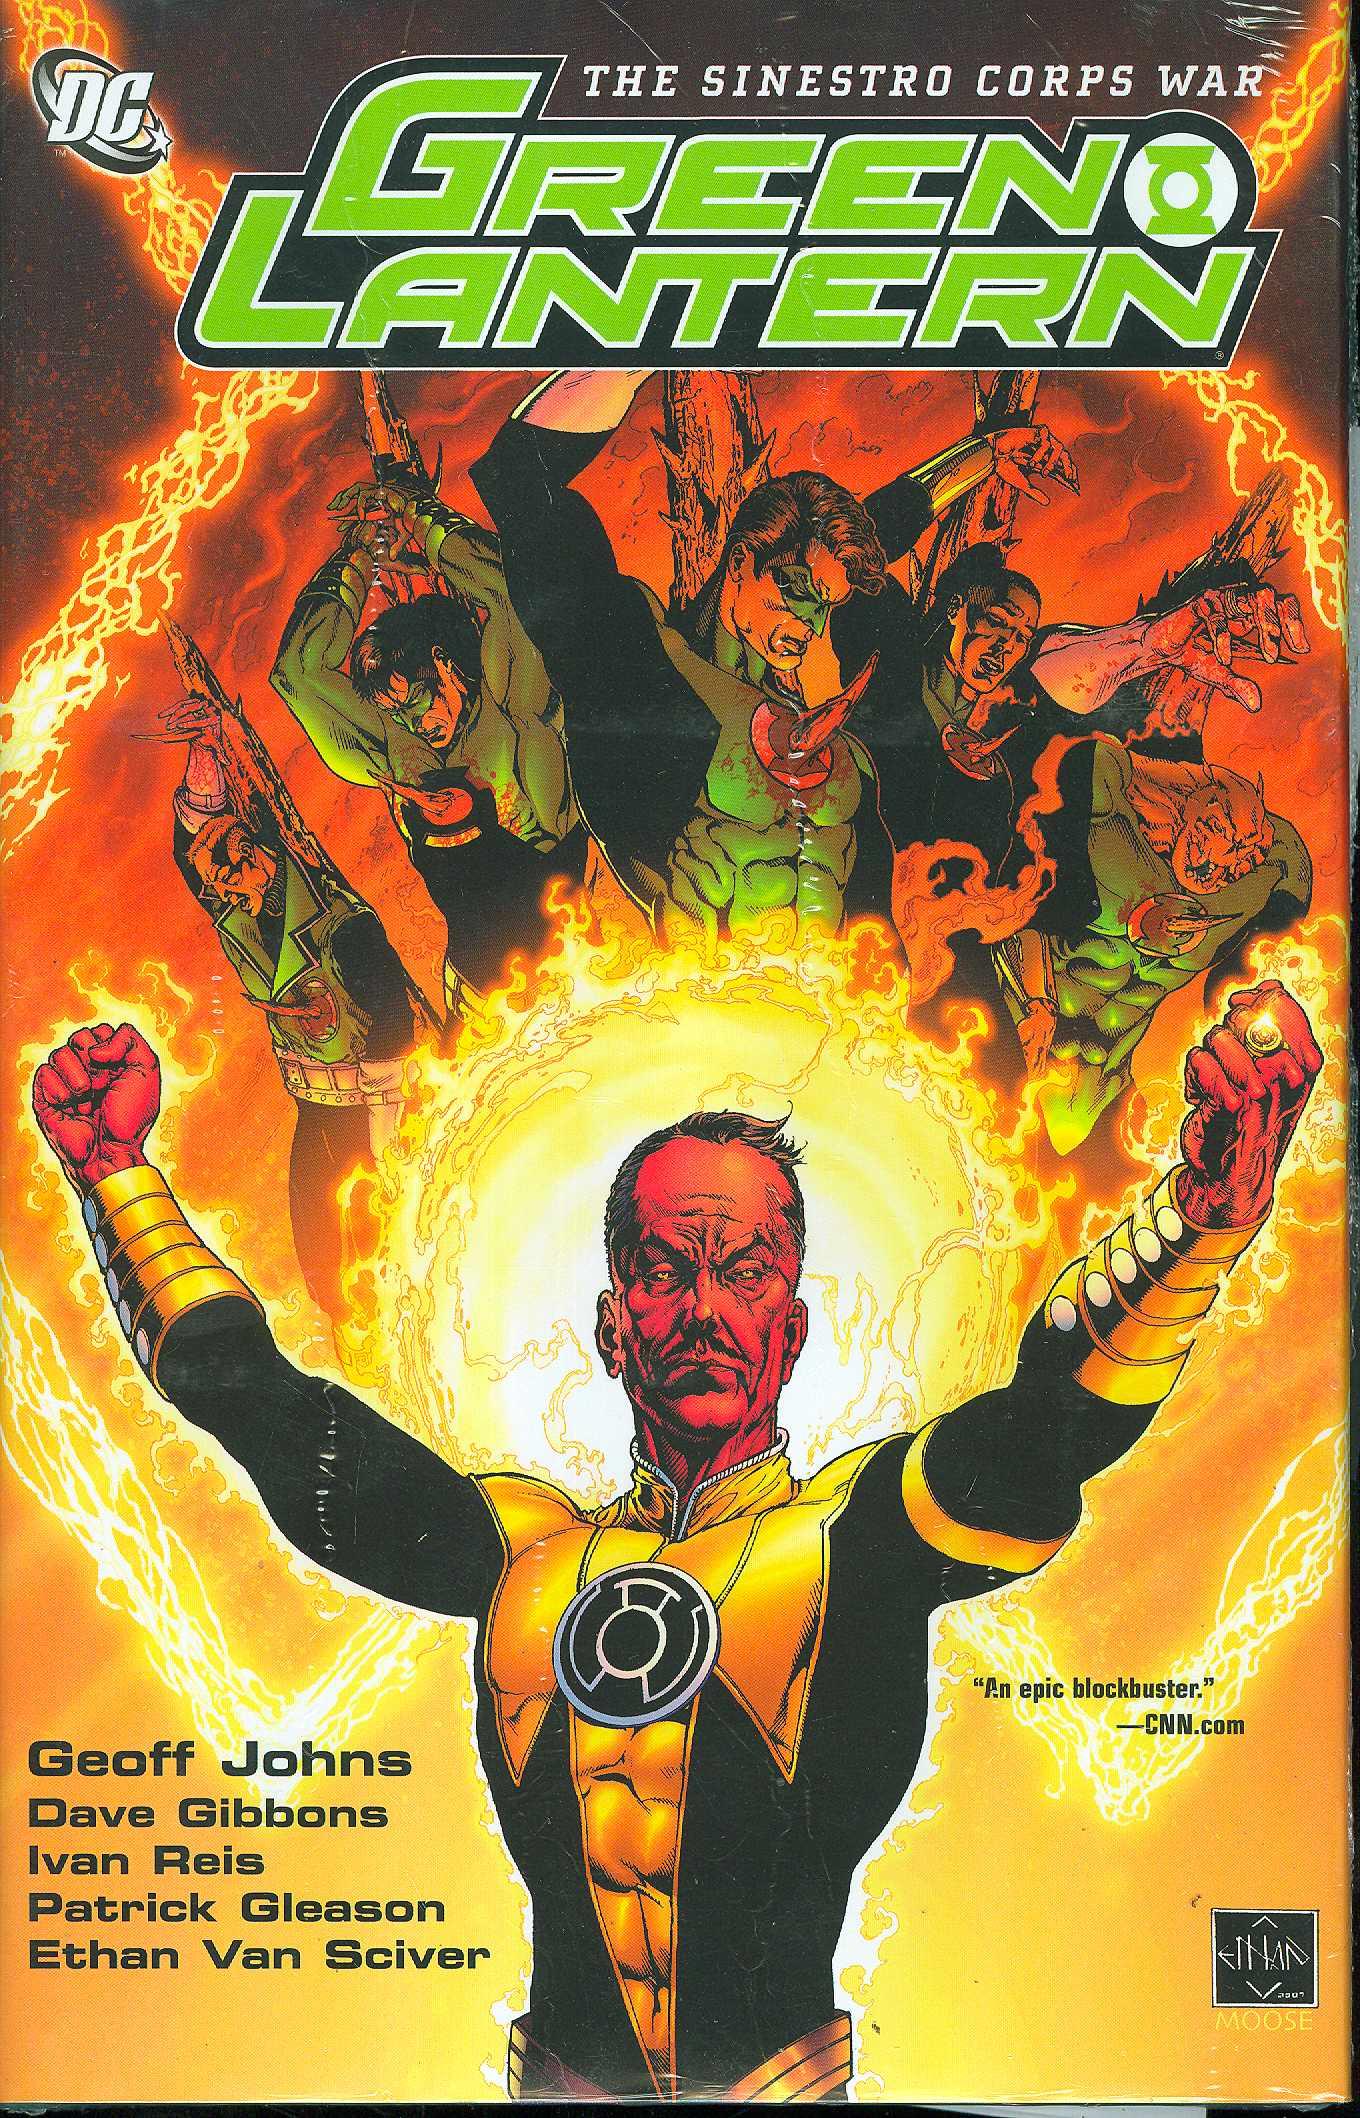 Green Lantern HC Vol. 1 Sinestro Corp War